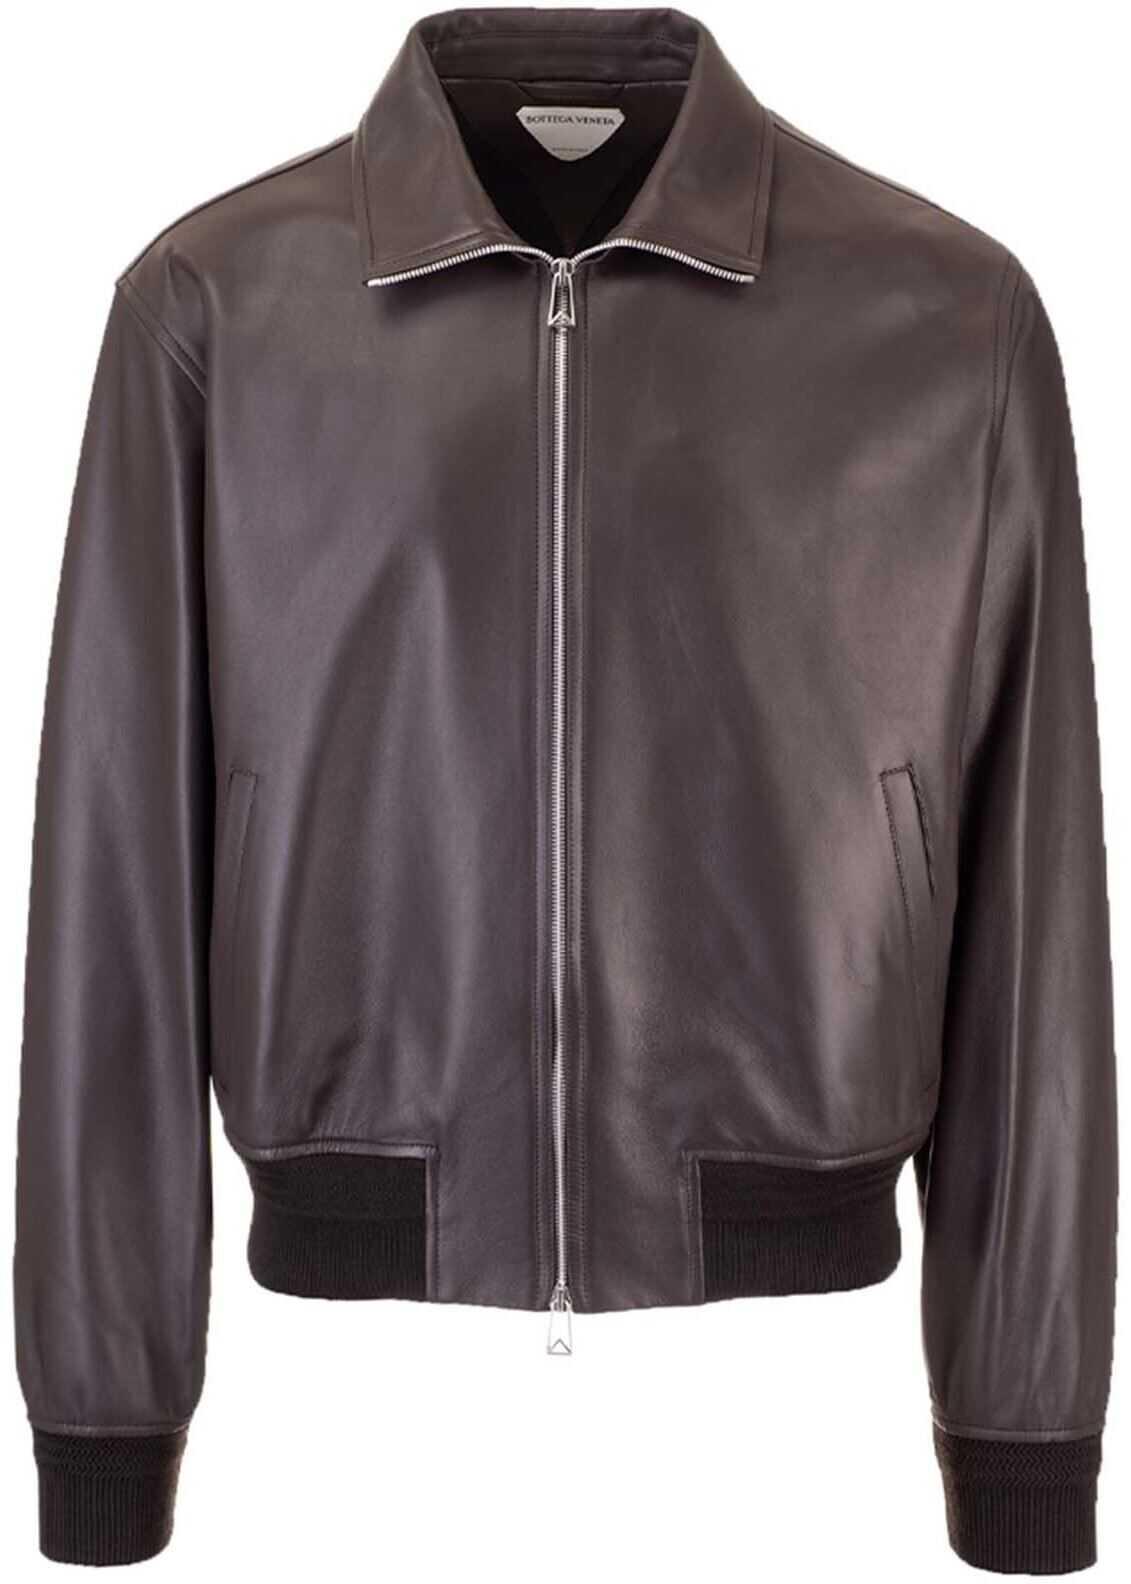 Bottega Veneta Leather Bomber In Brown Brown imagine